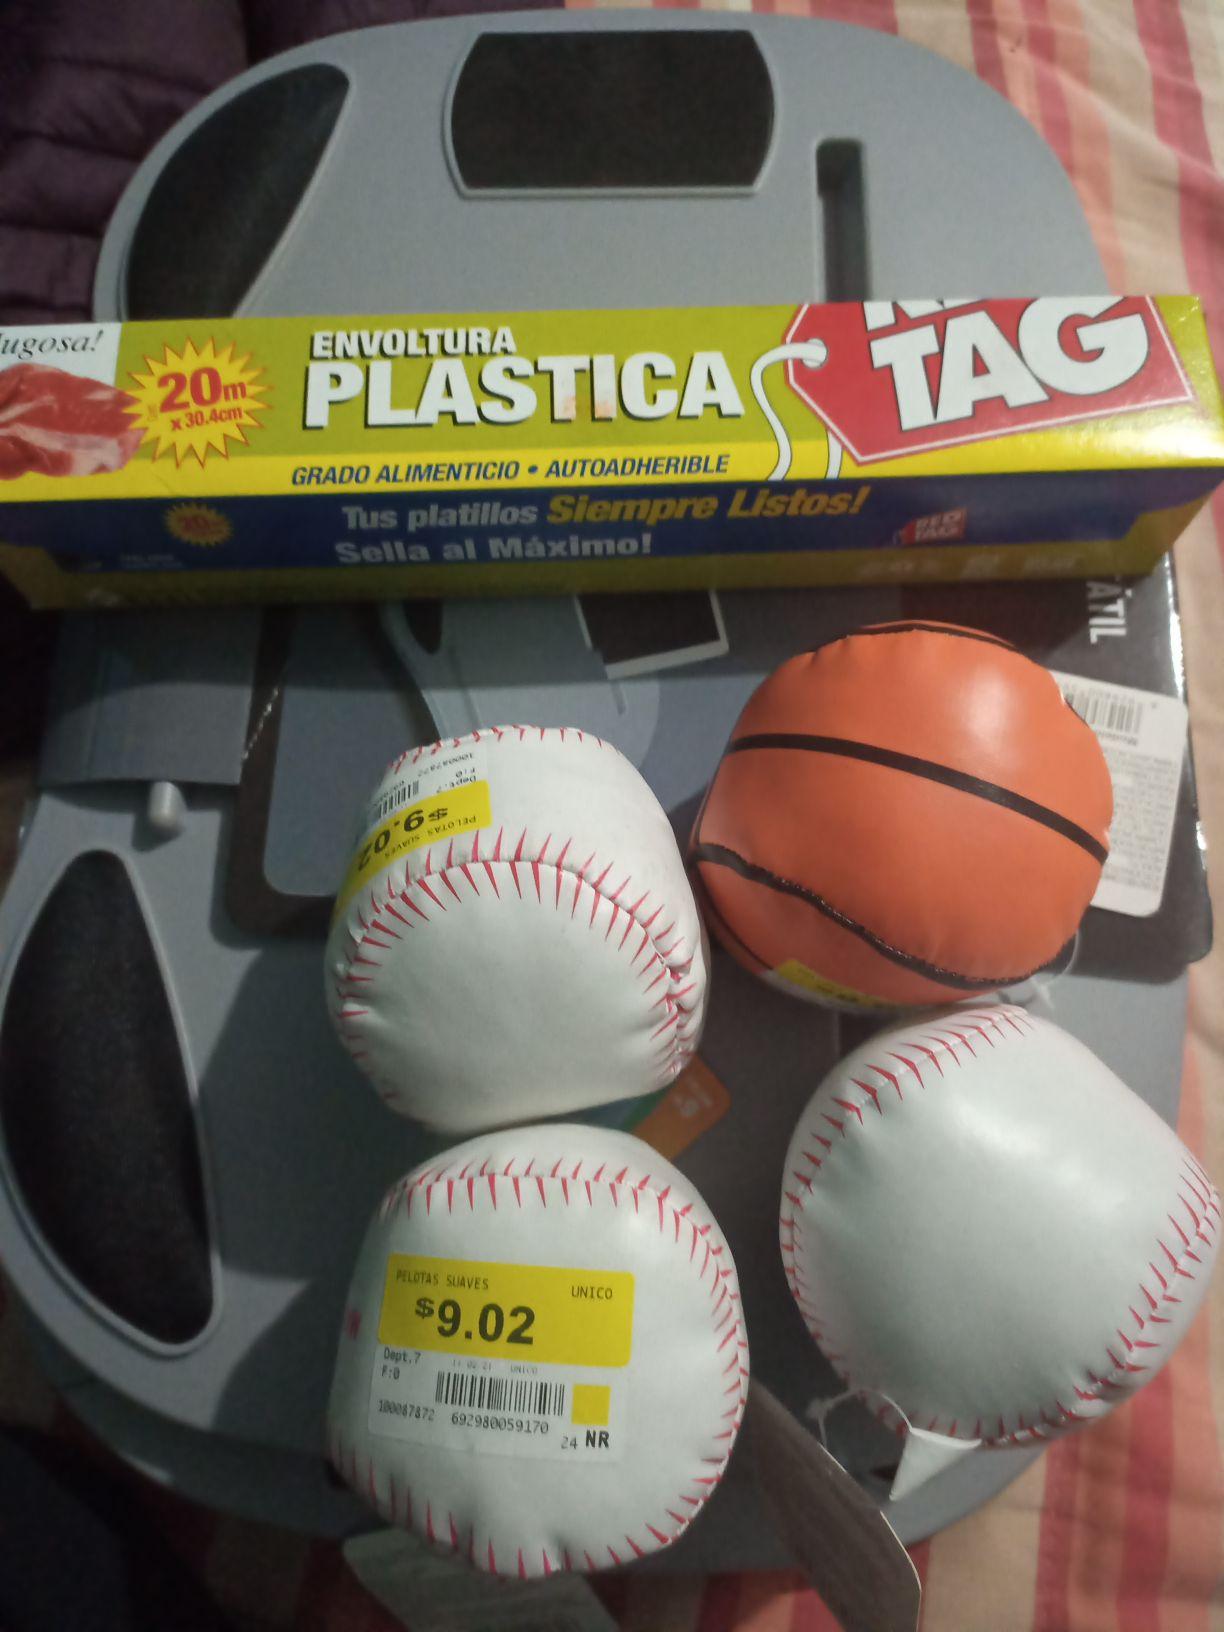 Walmart pelotas suaves 3.01